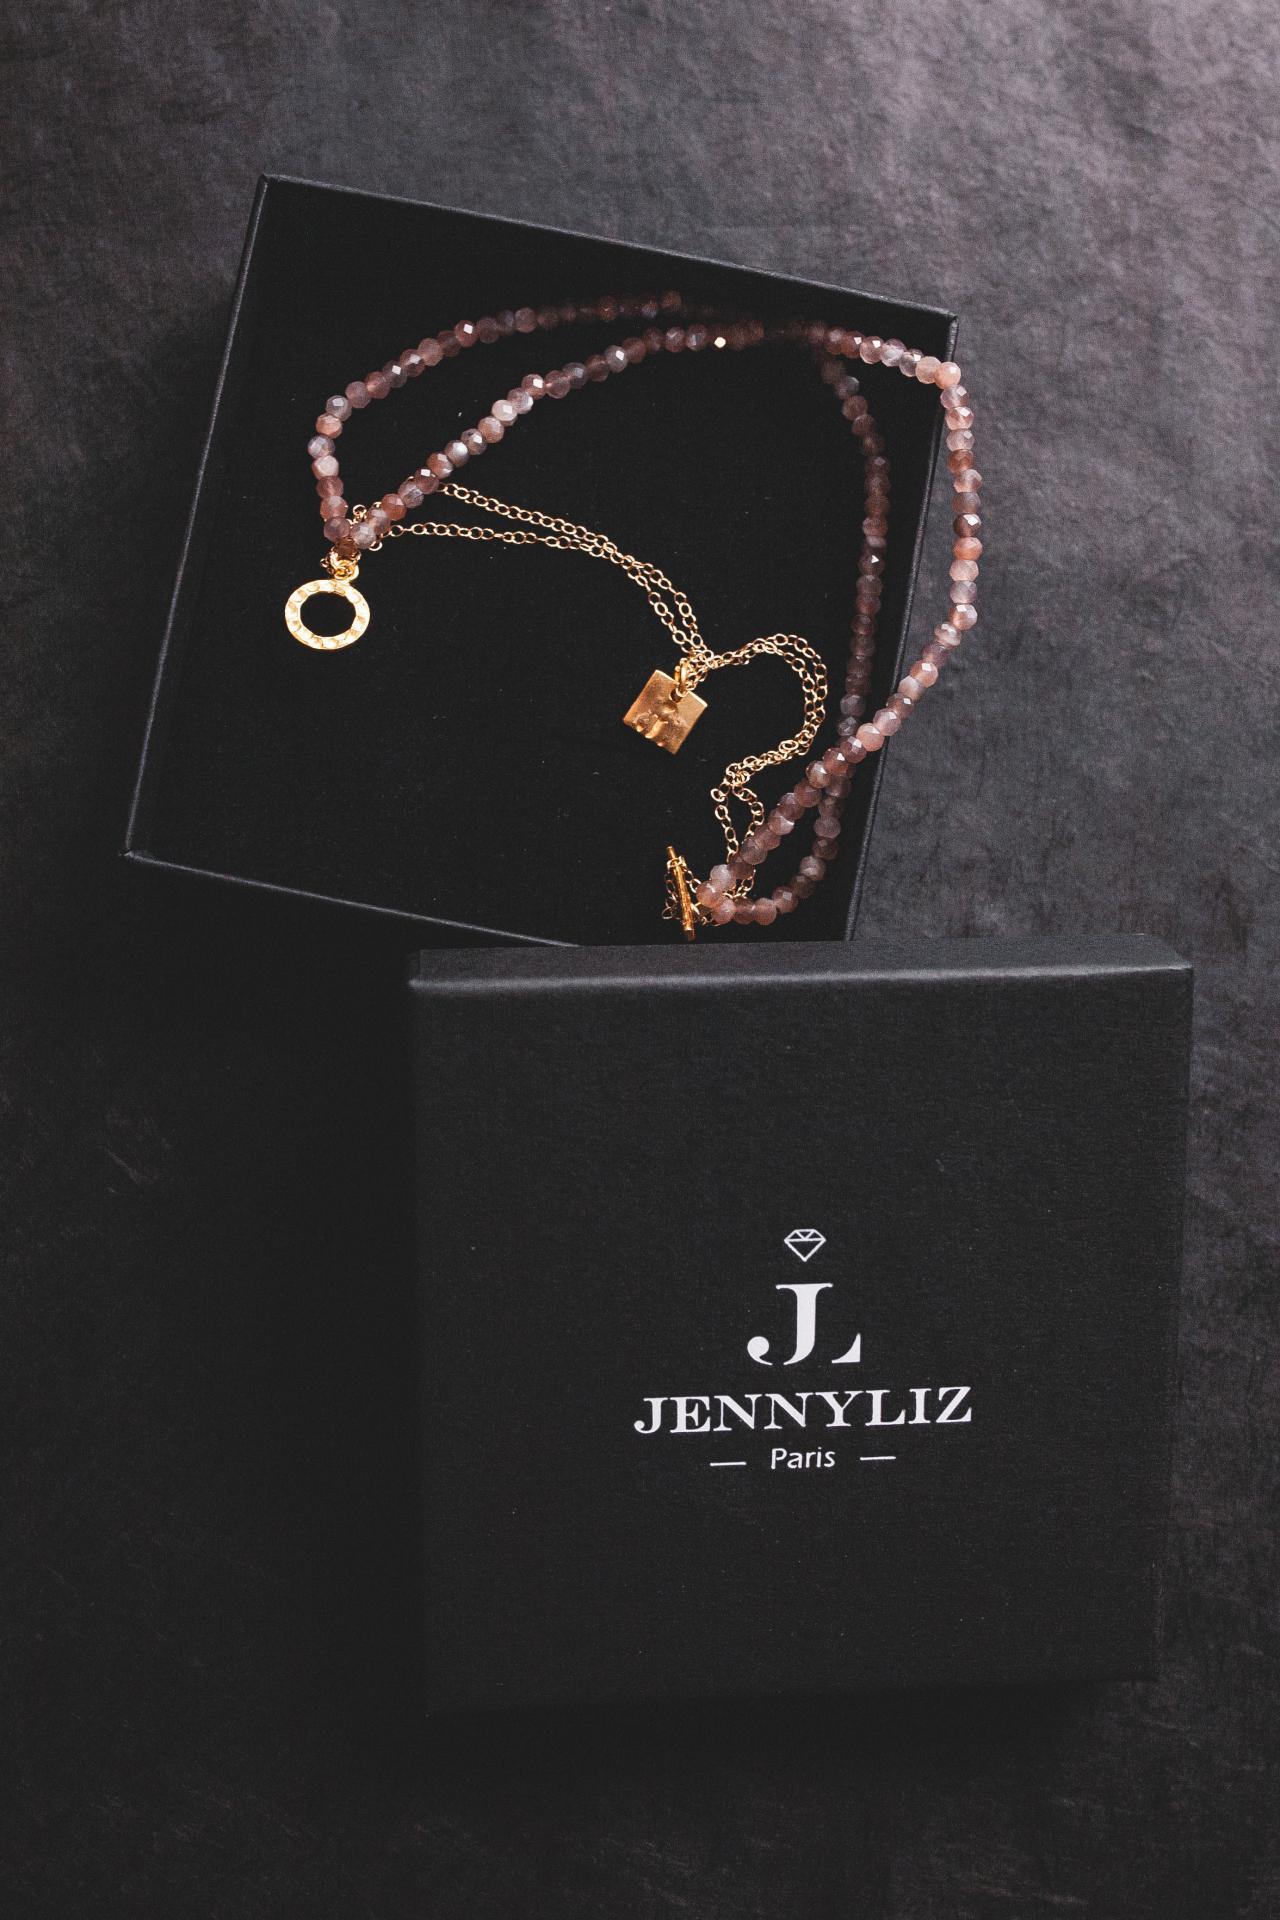 Jennyliz 33